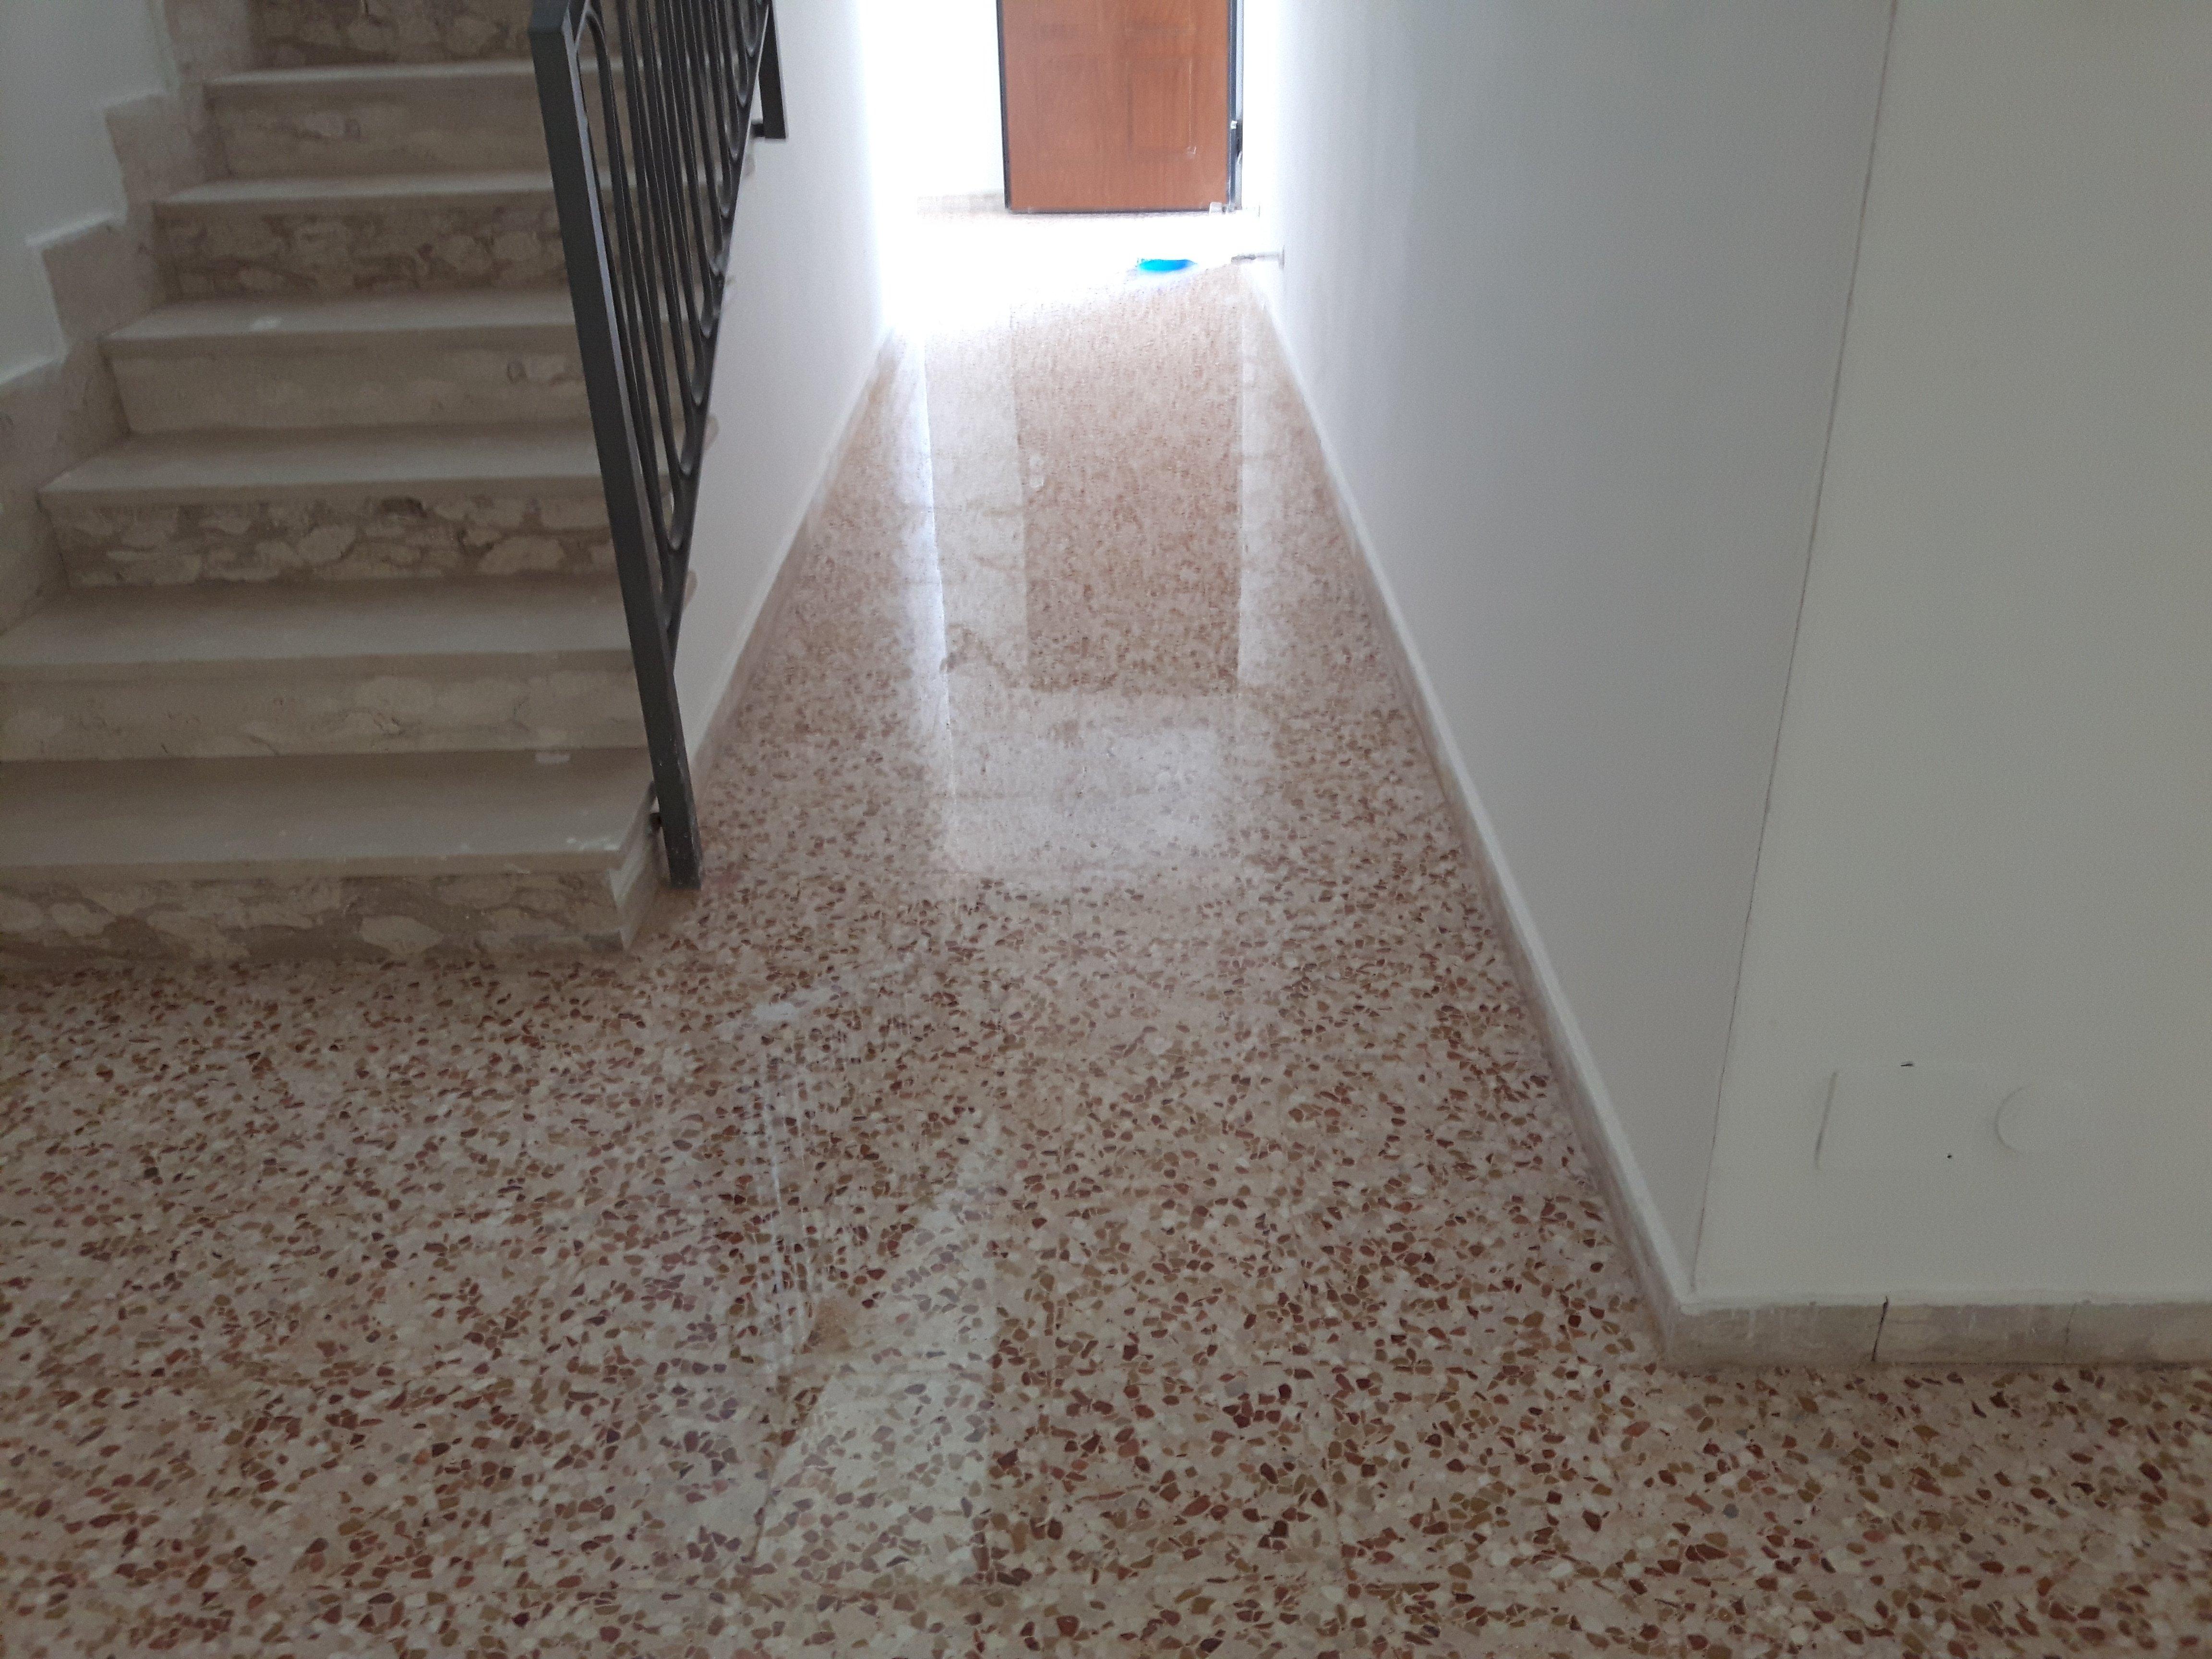 pavimento e scale in marmo